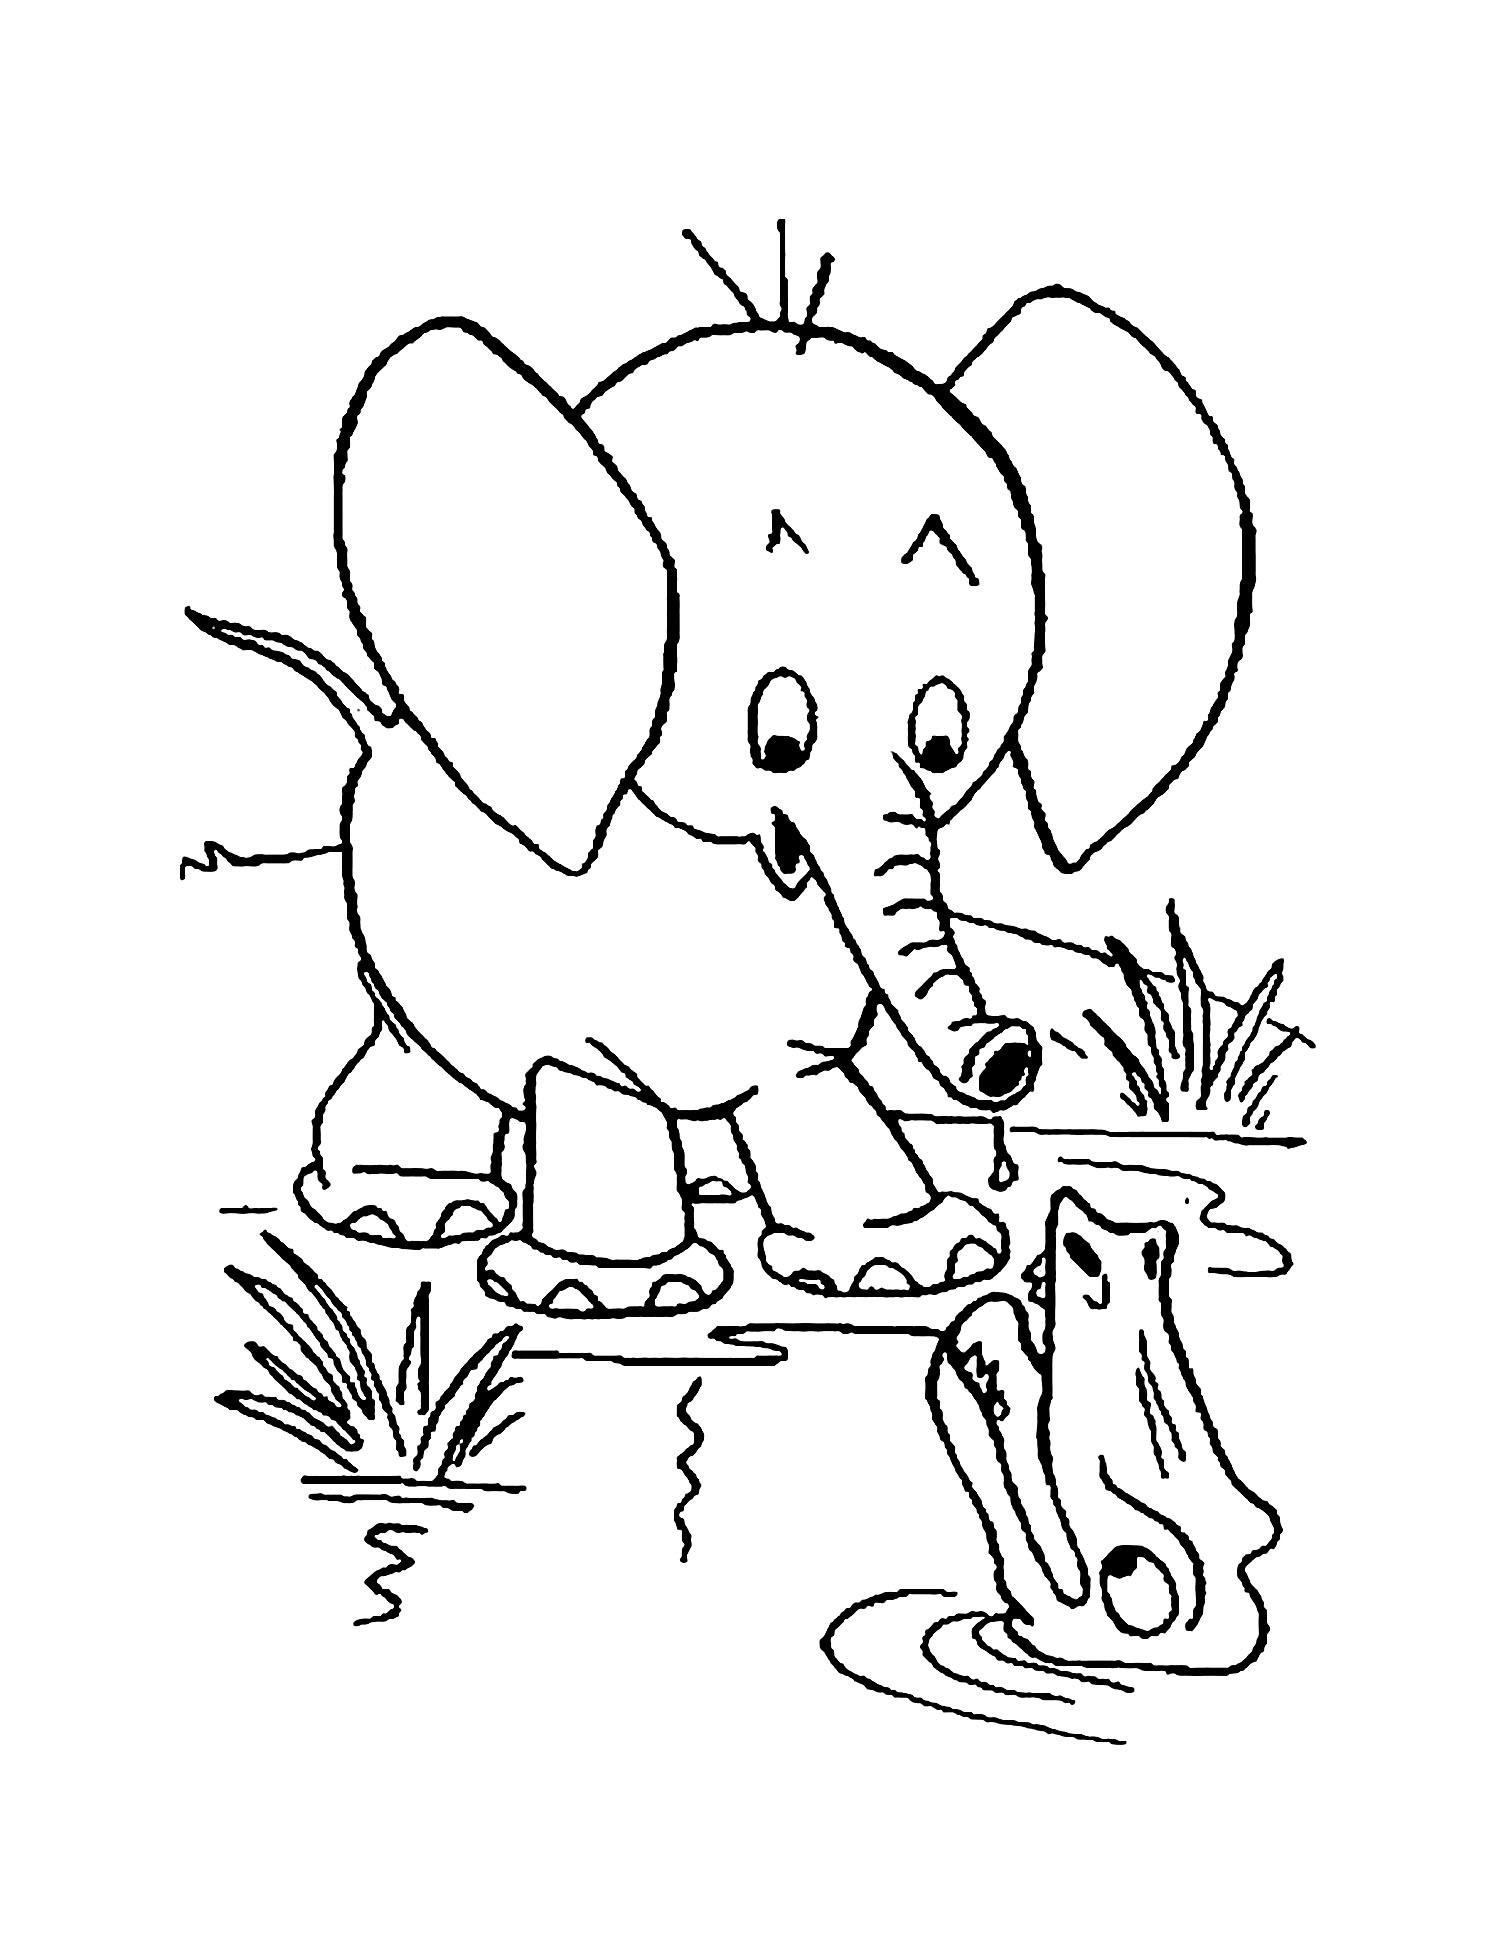 Coloriage D'Éléphant À Imprimer Gratuitement - Coloriage D destiné Dessin Pour Enfant